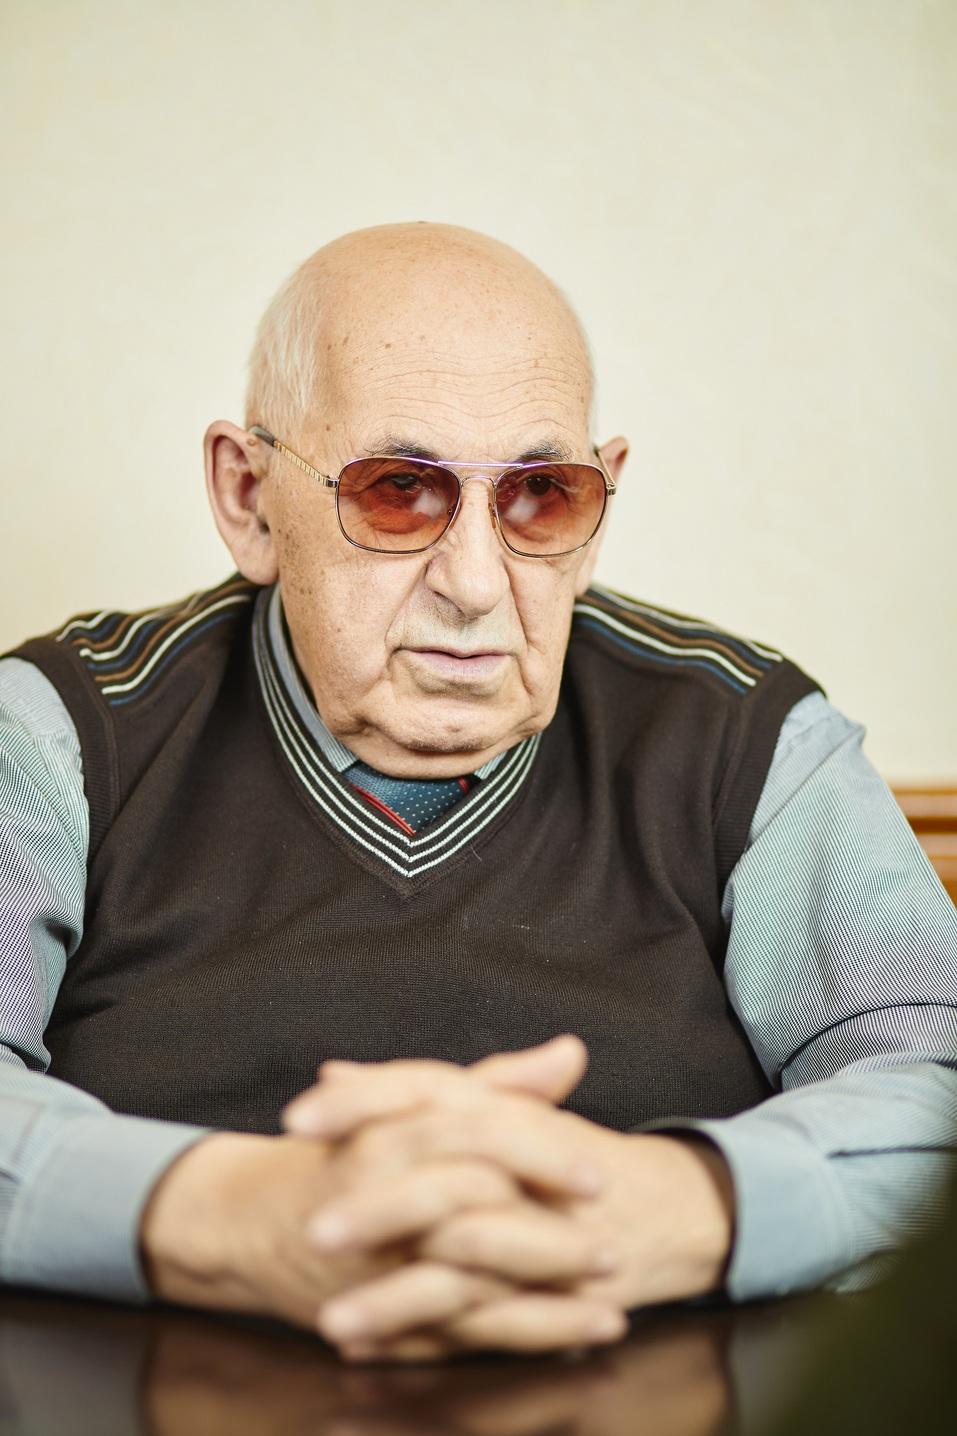 Александр Брейгин, НИИИТ-РК: «Малейший просчет может обернуться огромными проблемами» 2